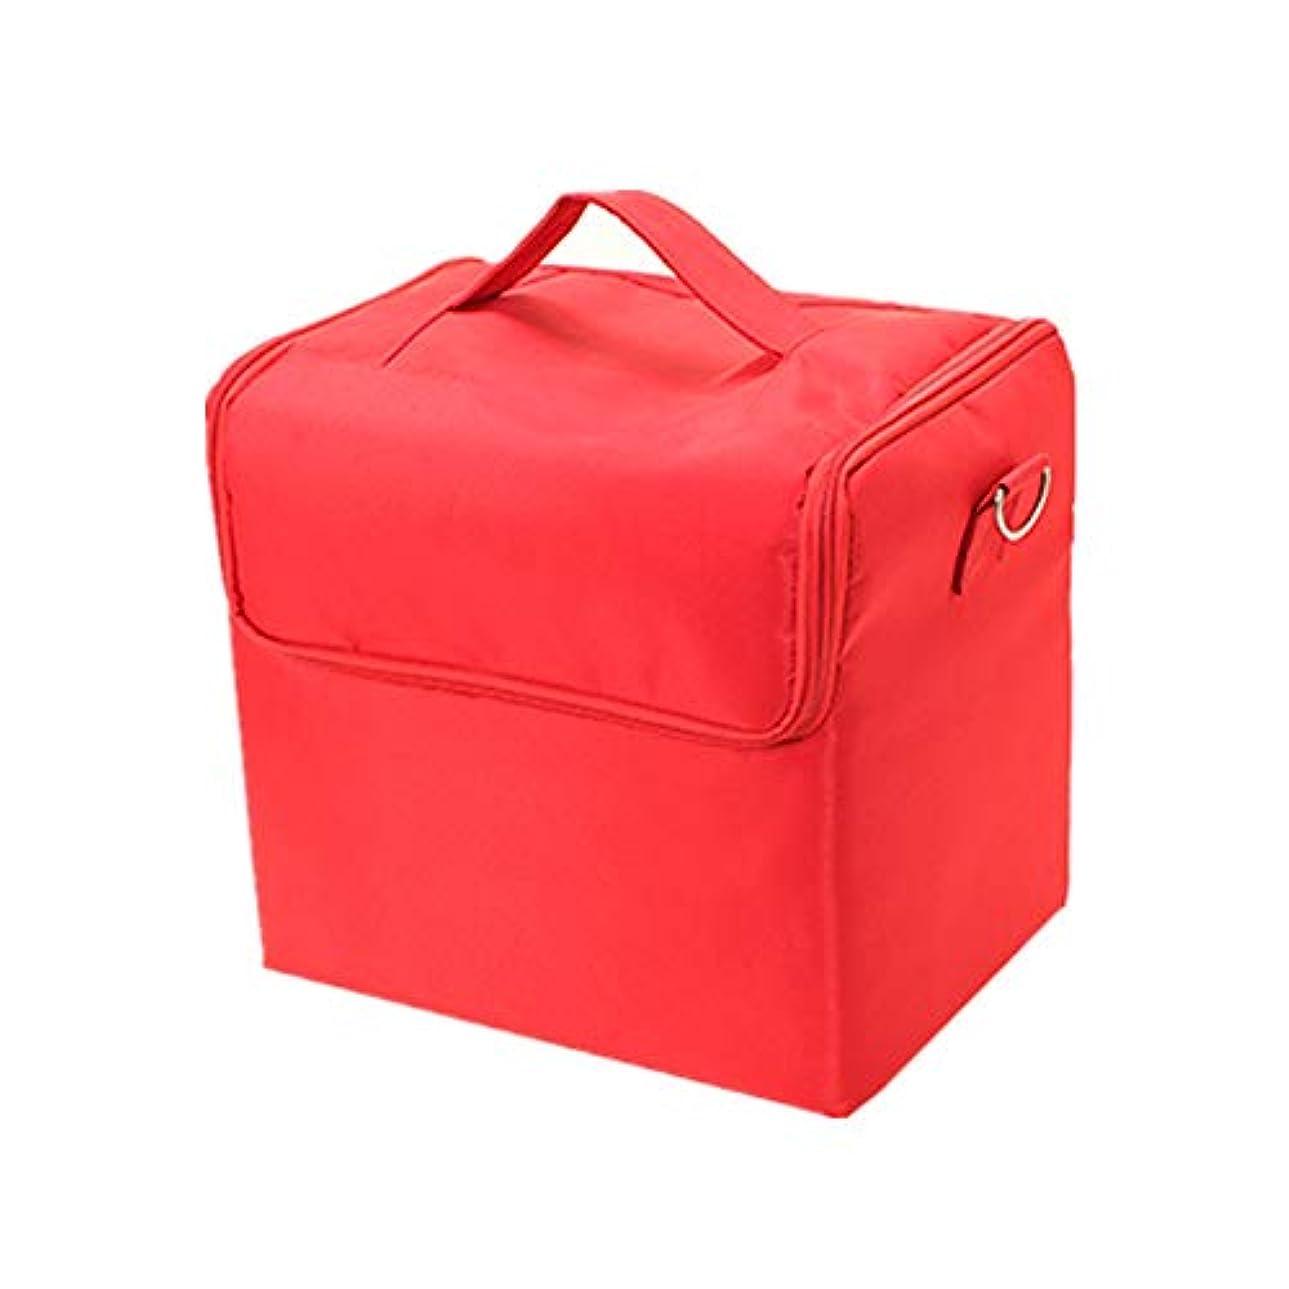 私達距離風変わりな化粧オーガナイザーバッグ 純粋な色のカジュアルポータ??ブル化粧品バッグ美容メイクアップとトラベルで旅行 化粧品ケース